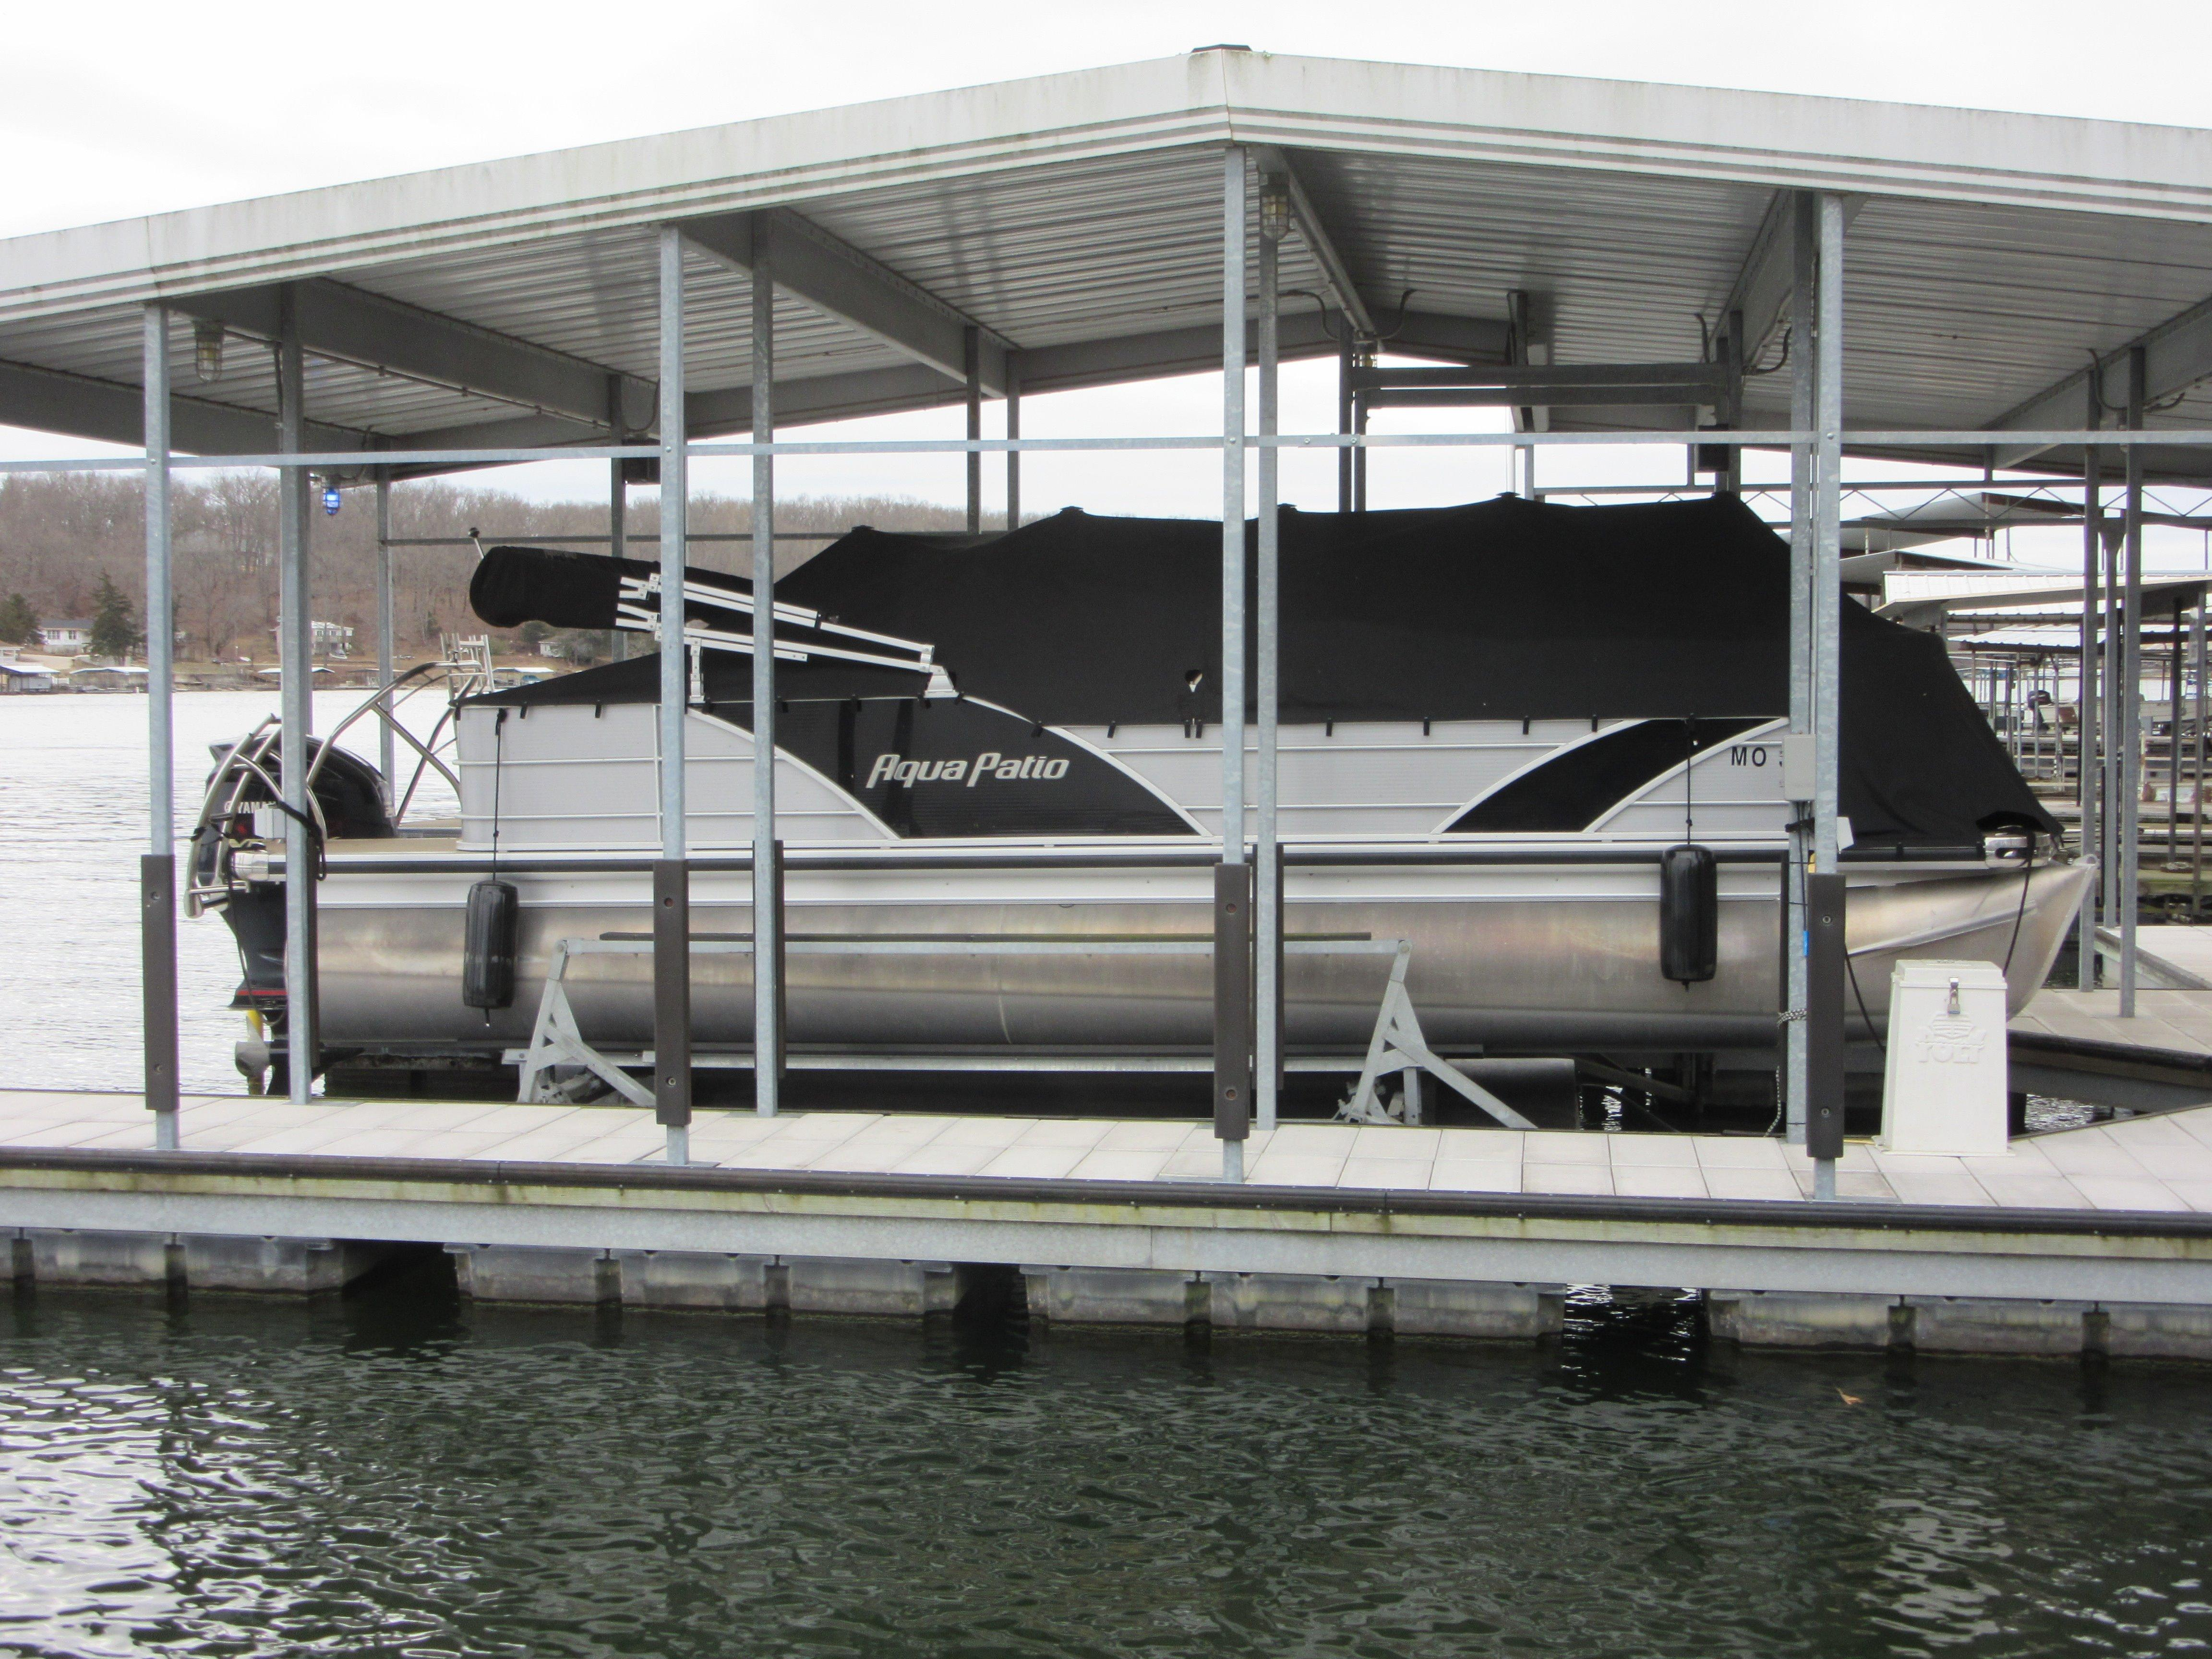 2013 Aqua Patio 240 SL